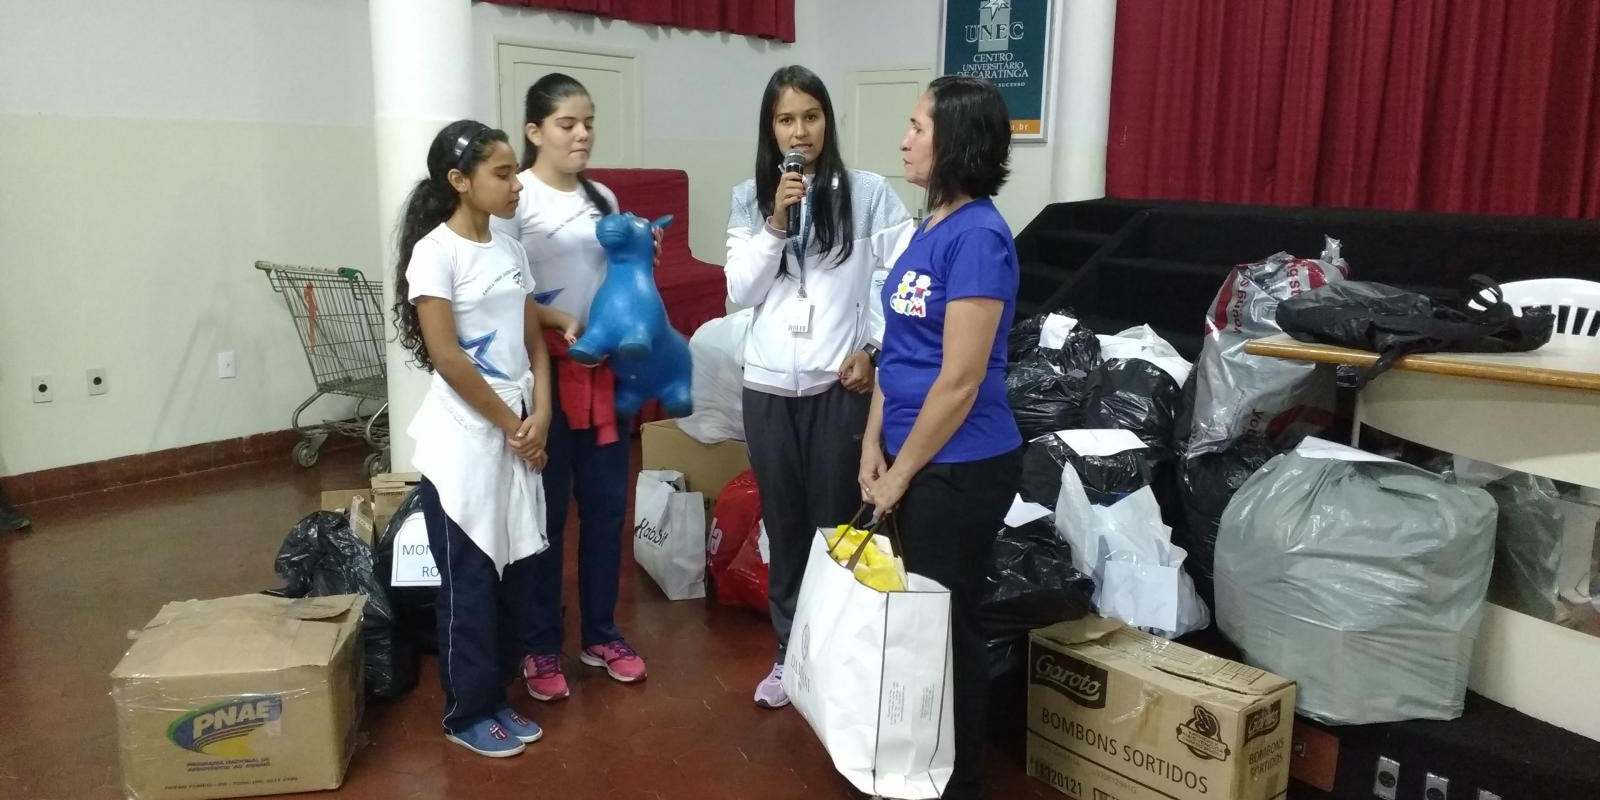 Professores desenvolvem Projeto Solidariedade e alunos arrecadam donativos para asilos e creches de Caratinga